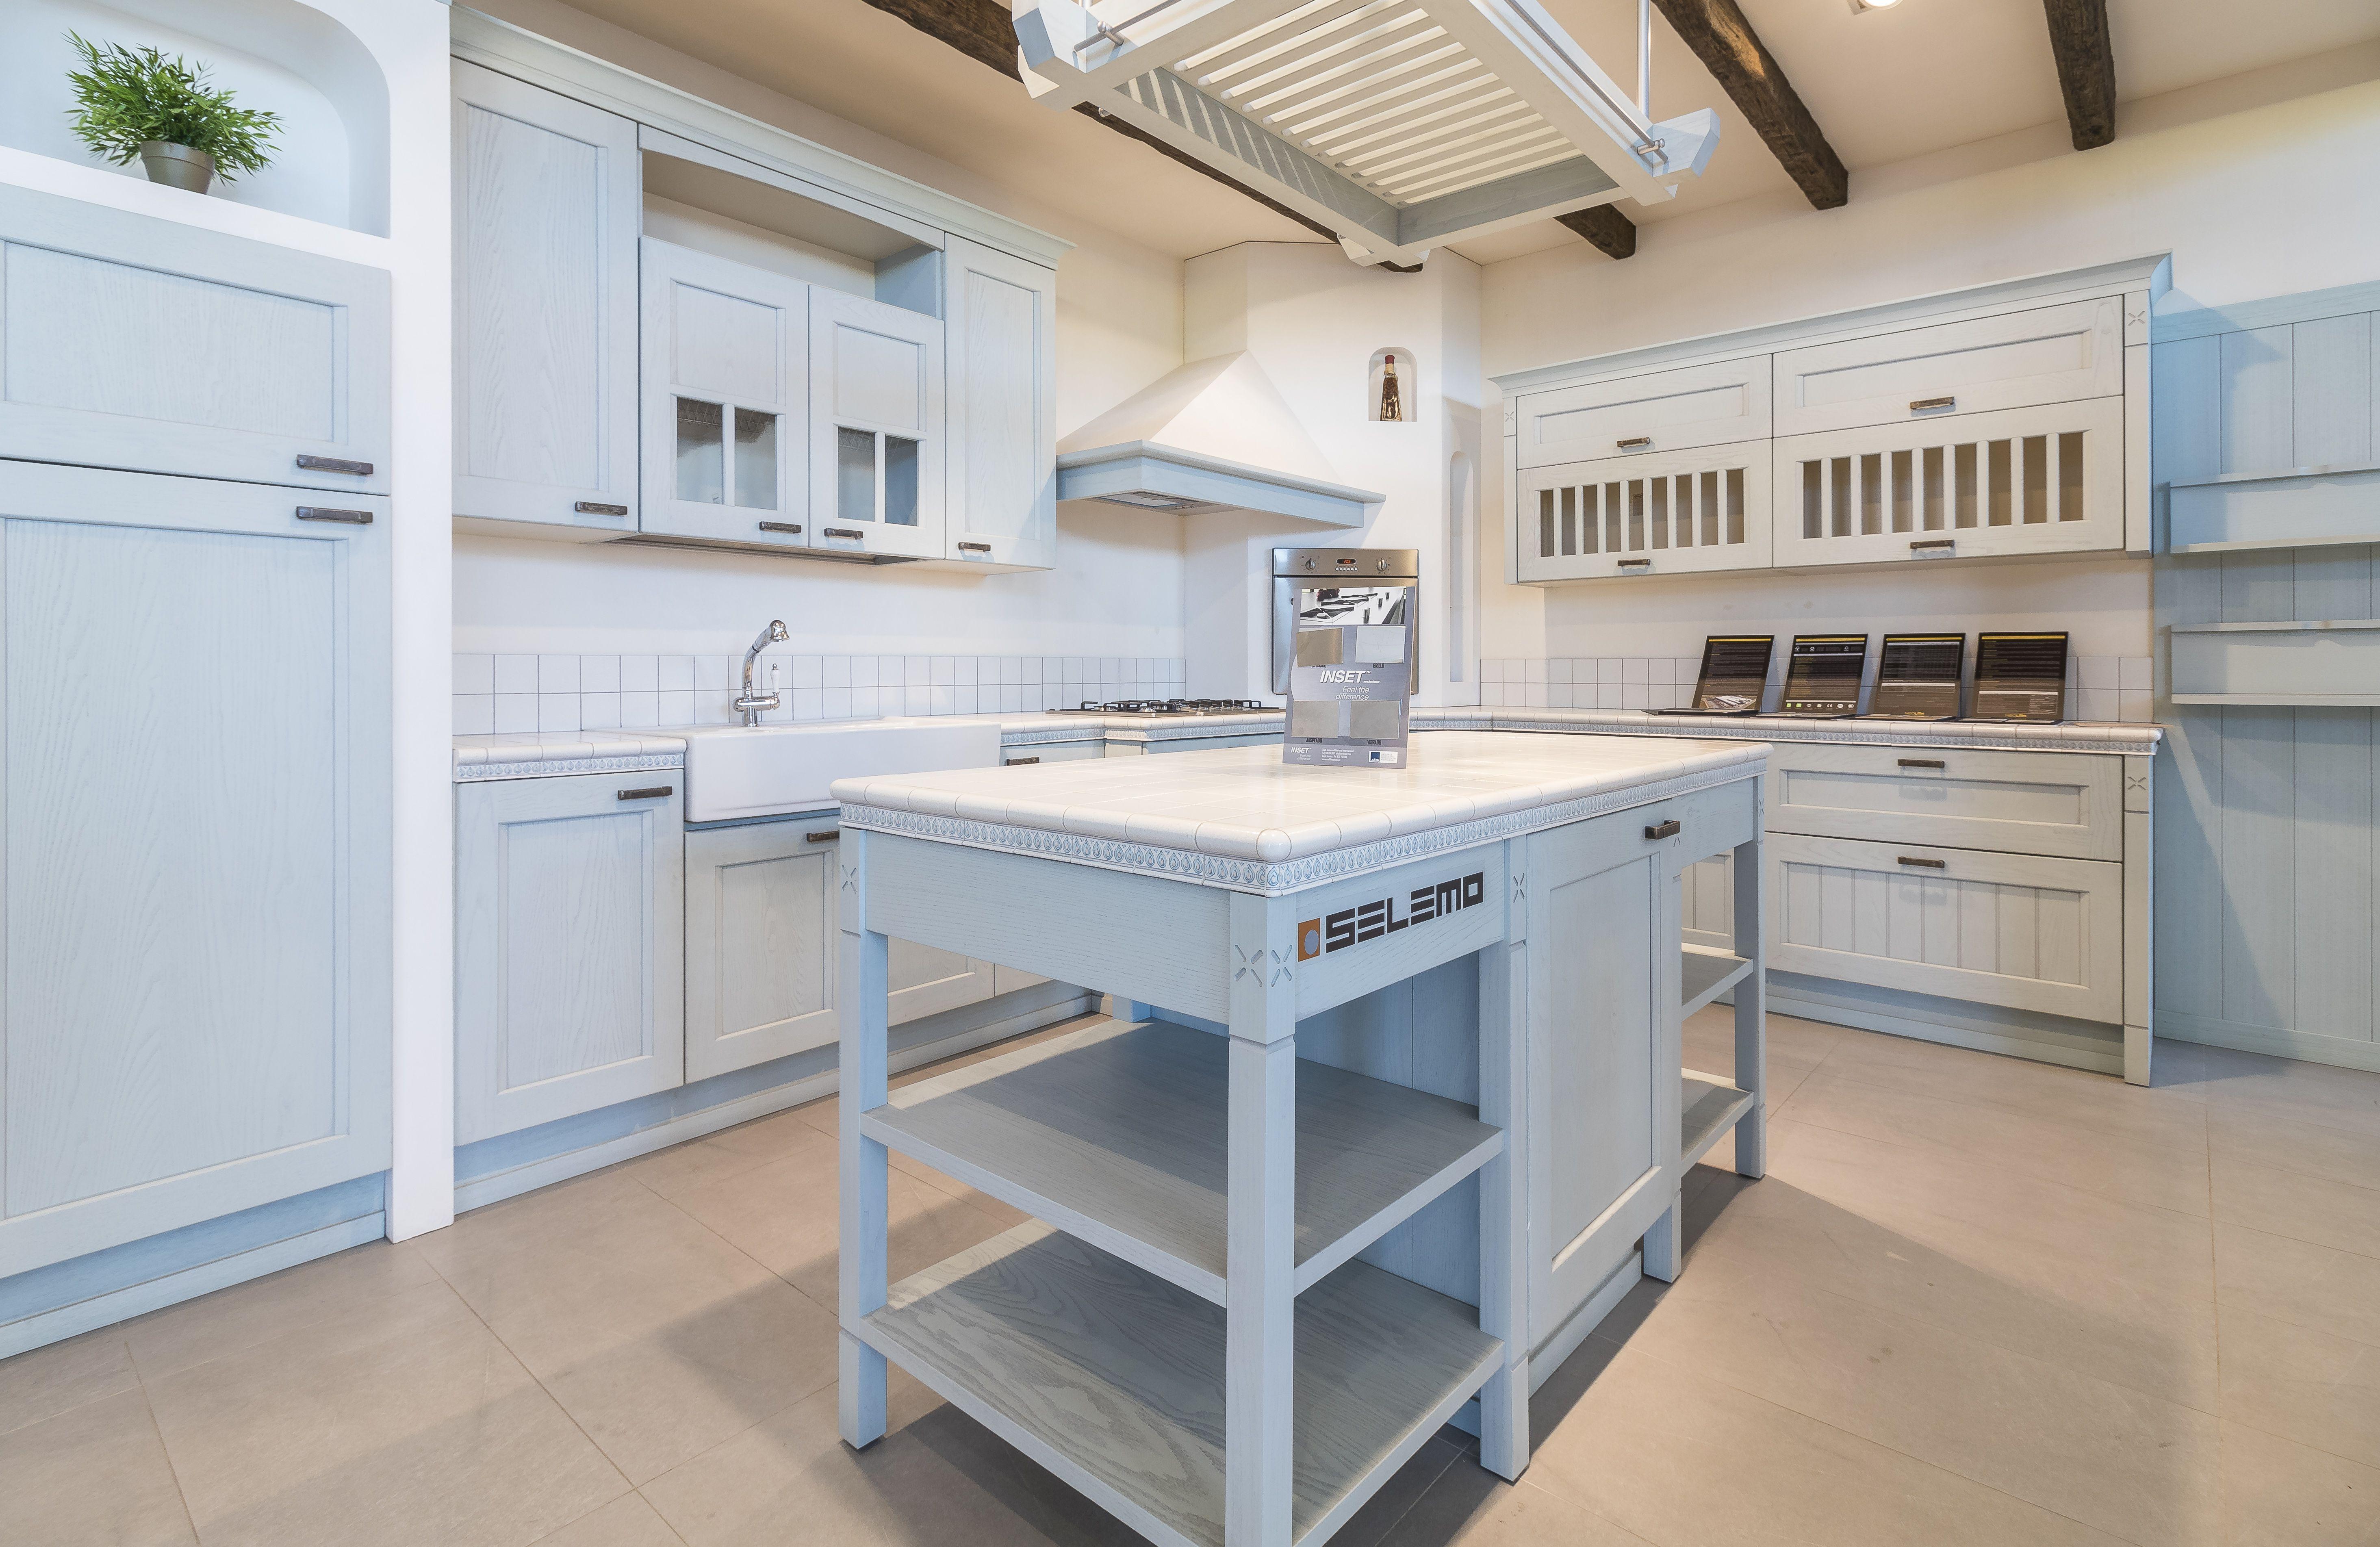 Muebles de cocina en Murcia - Selemo Muebles de Cocina